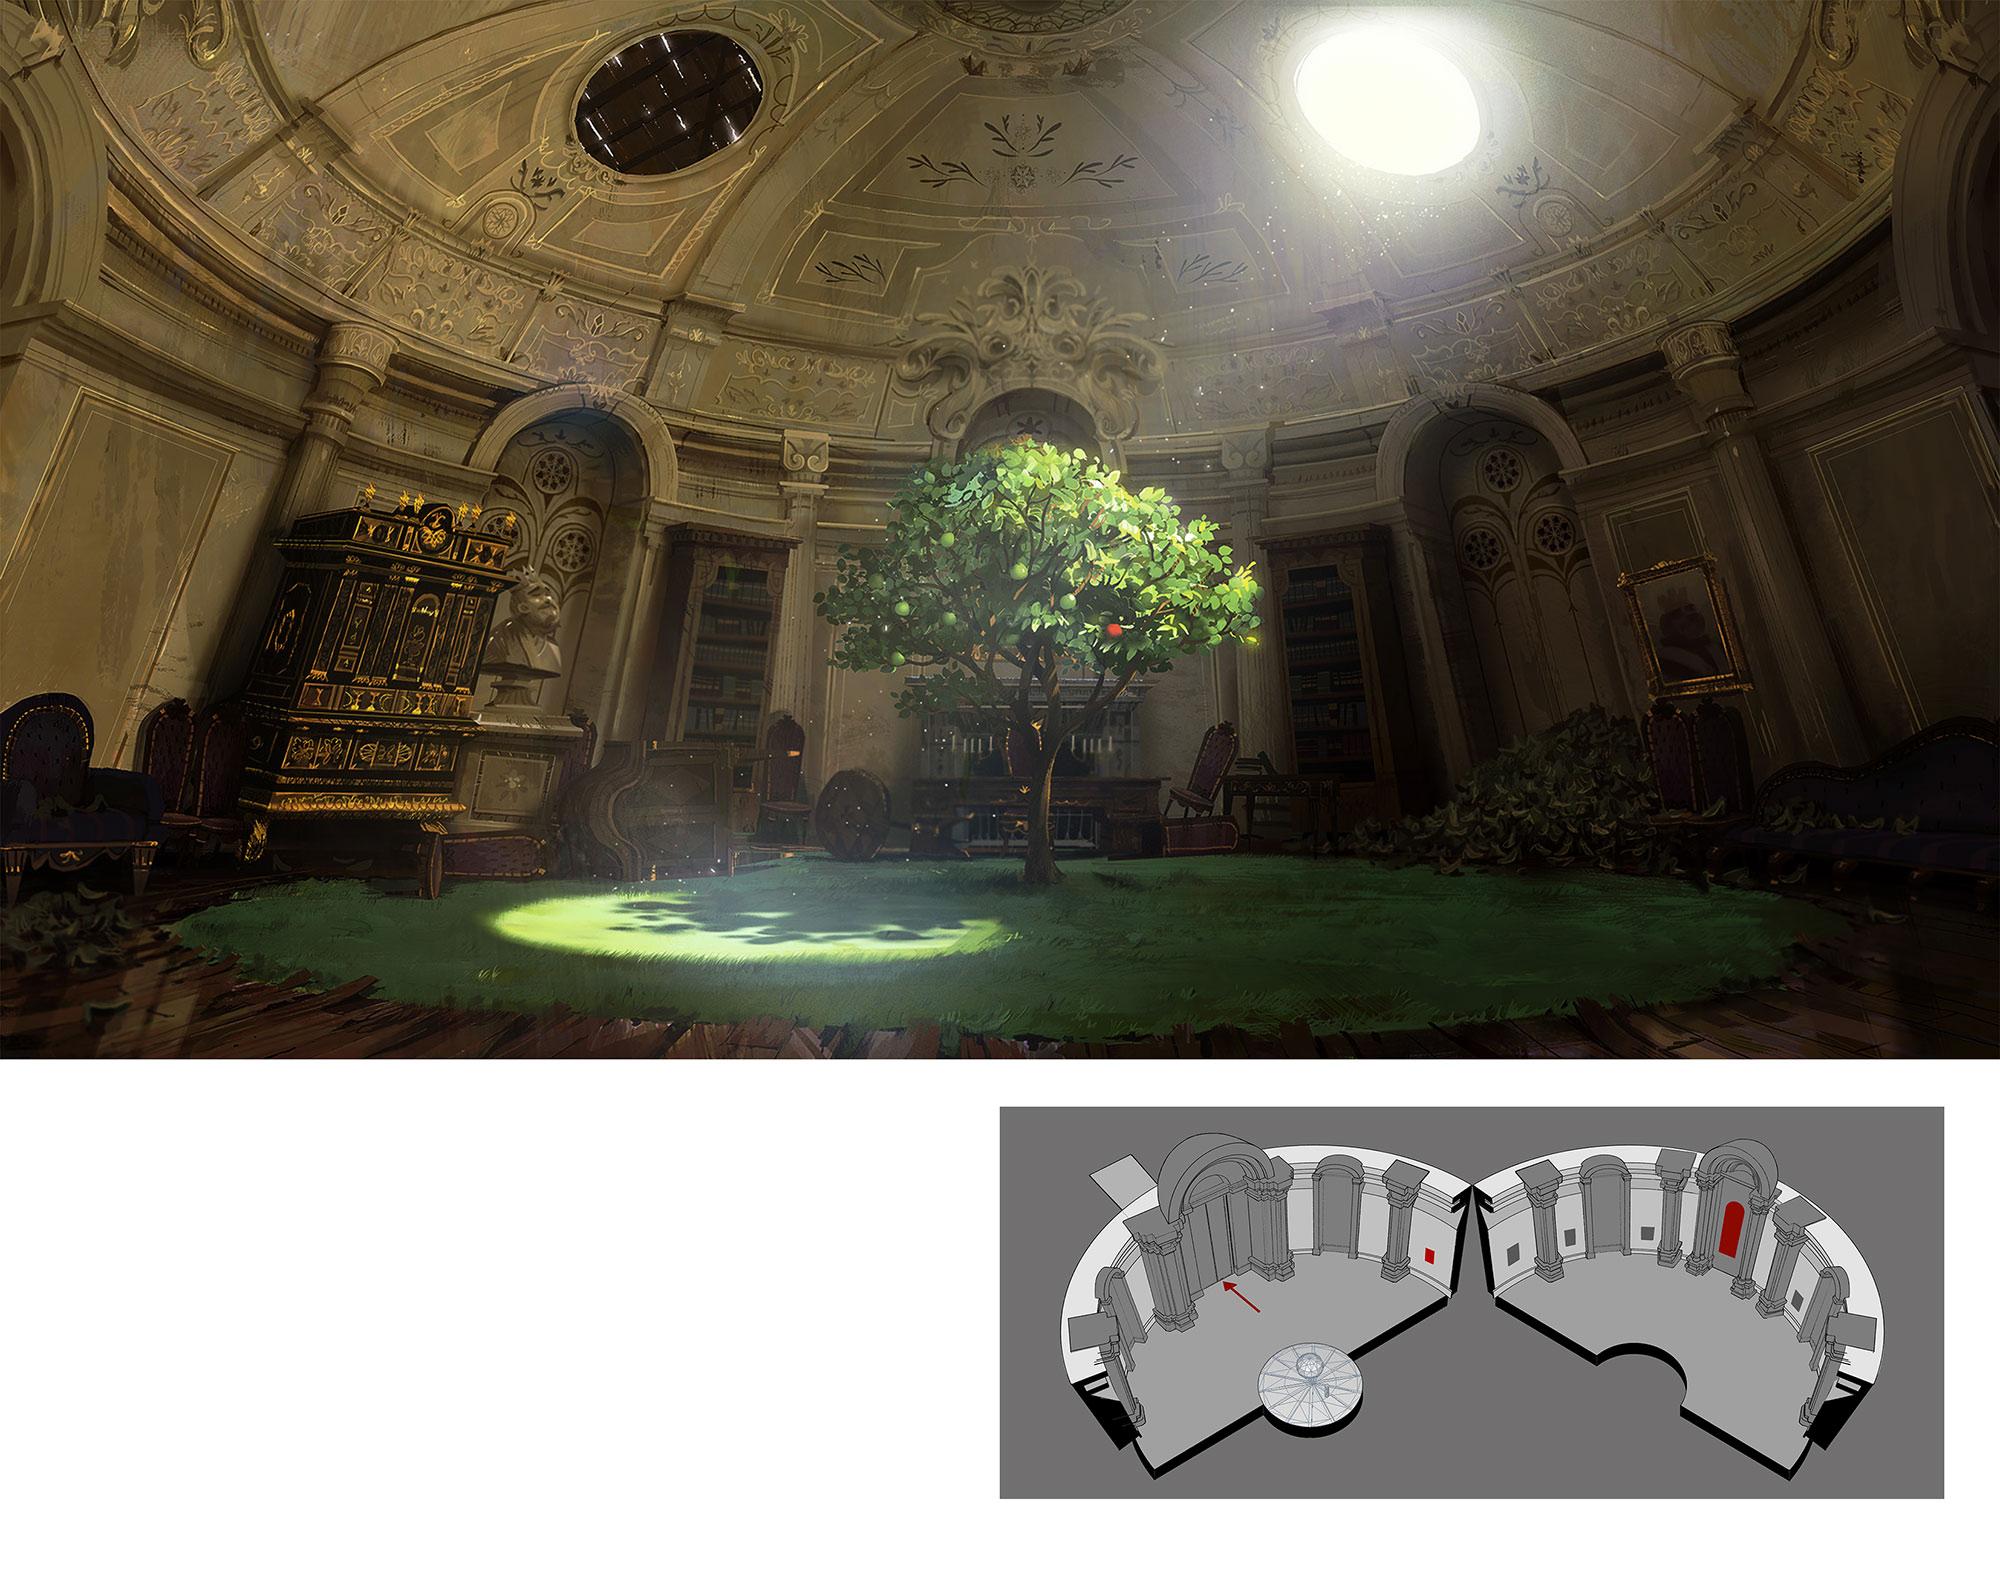 Castle rotunda design by Remi Salmon.